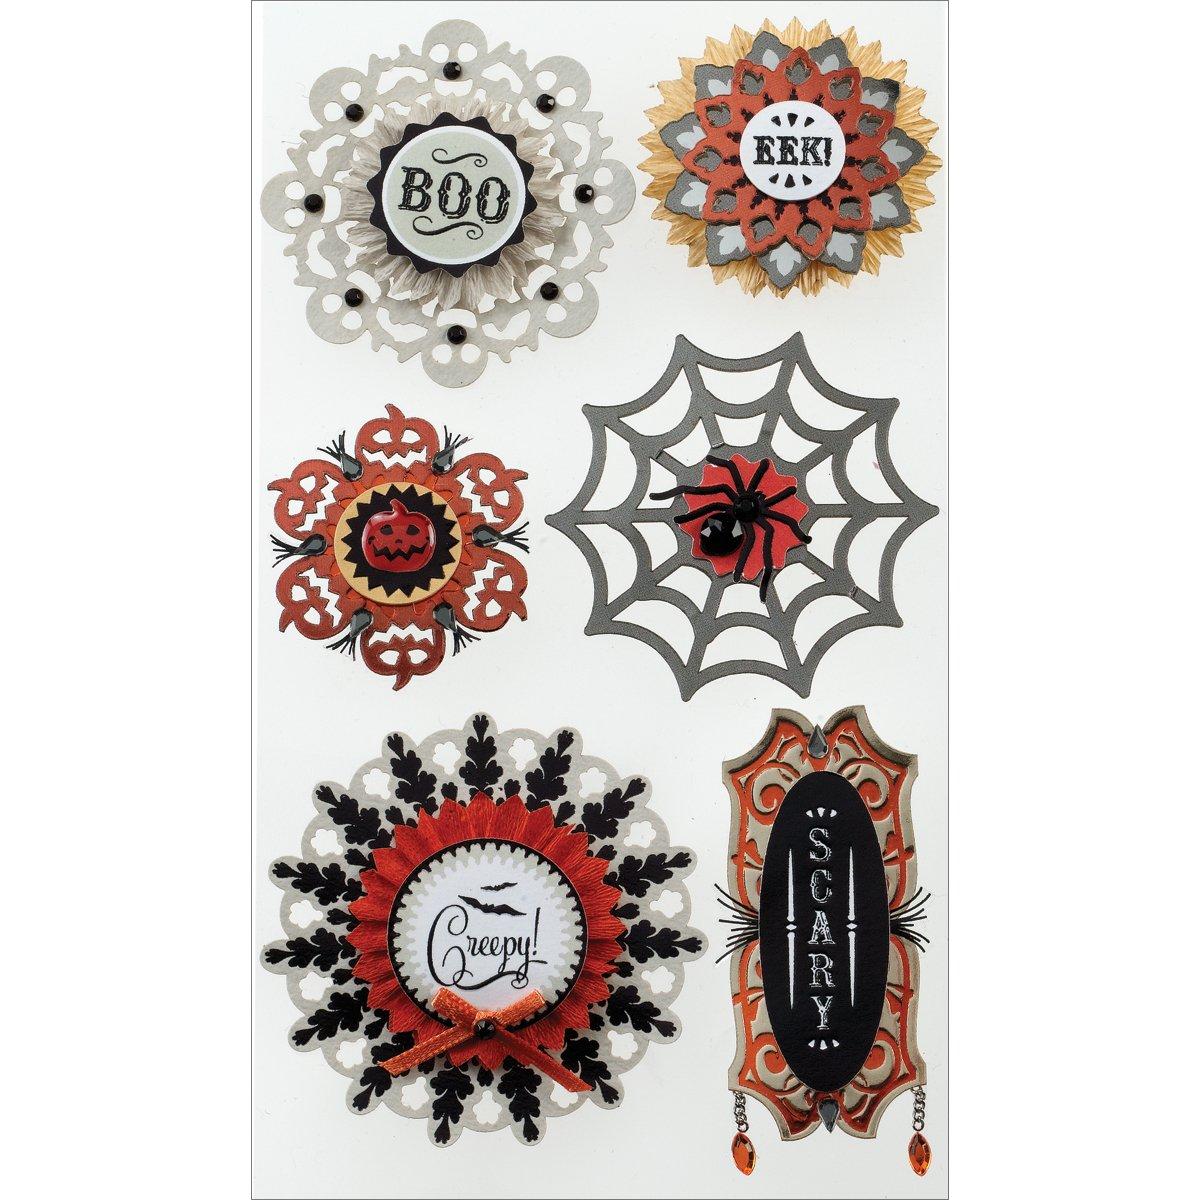 Jolee 's Boutique Dimensional Stickers, tamaño Grande, diseño de medallones